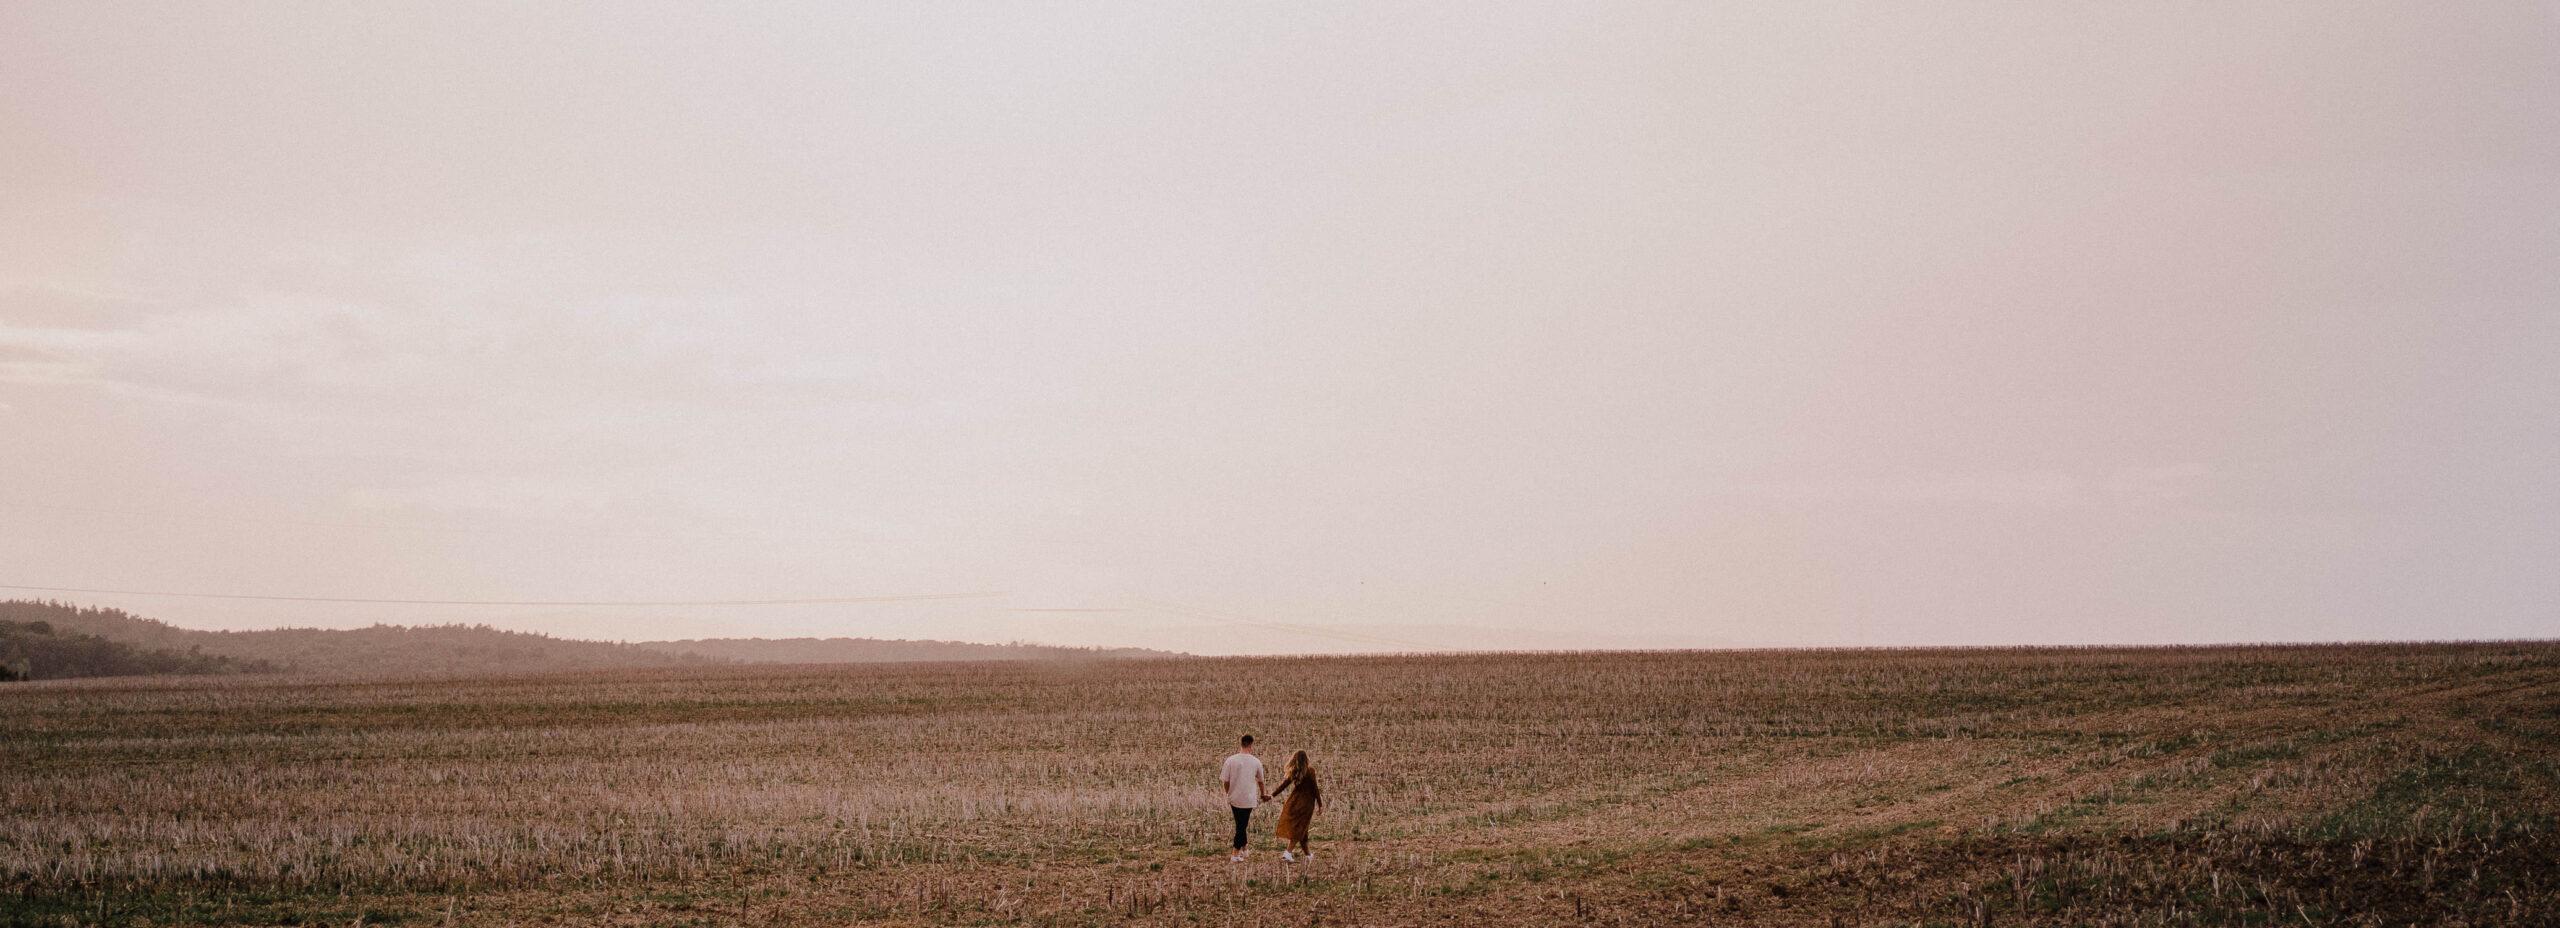 Pärchen läuft über ein Feld. Foto vom Hochzeitsfotogarf Axel Link aus Würzburg